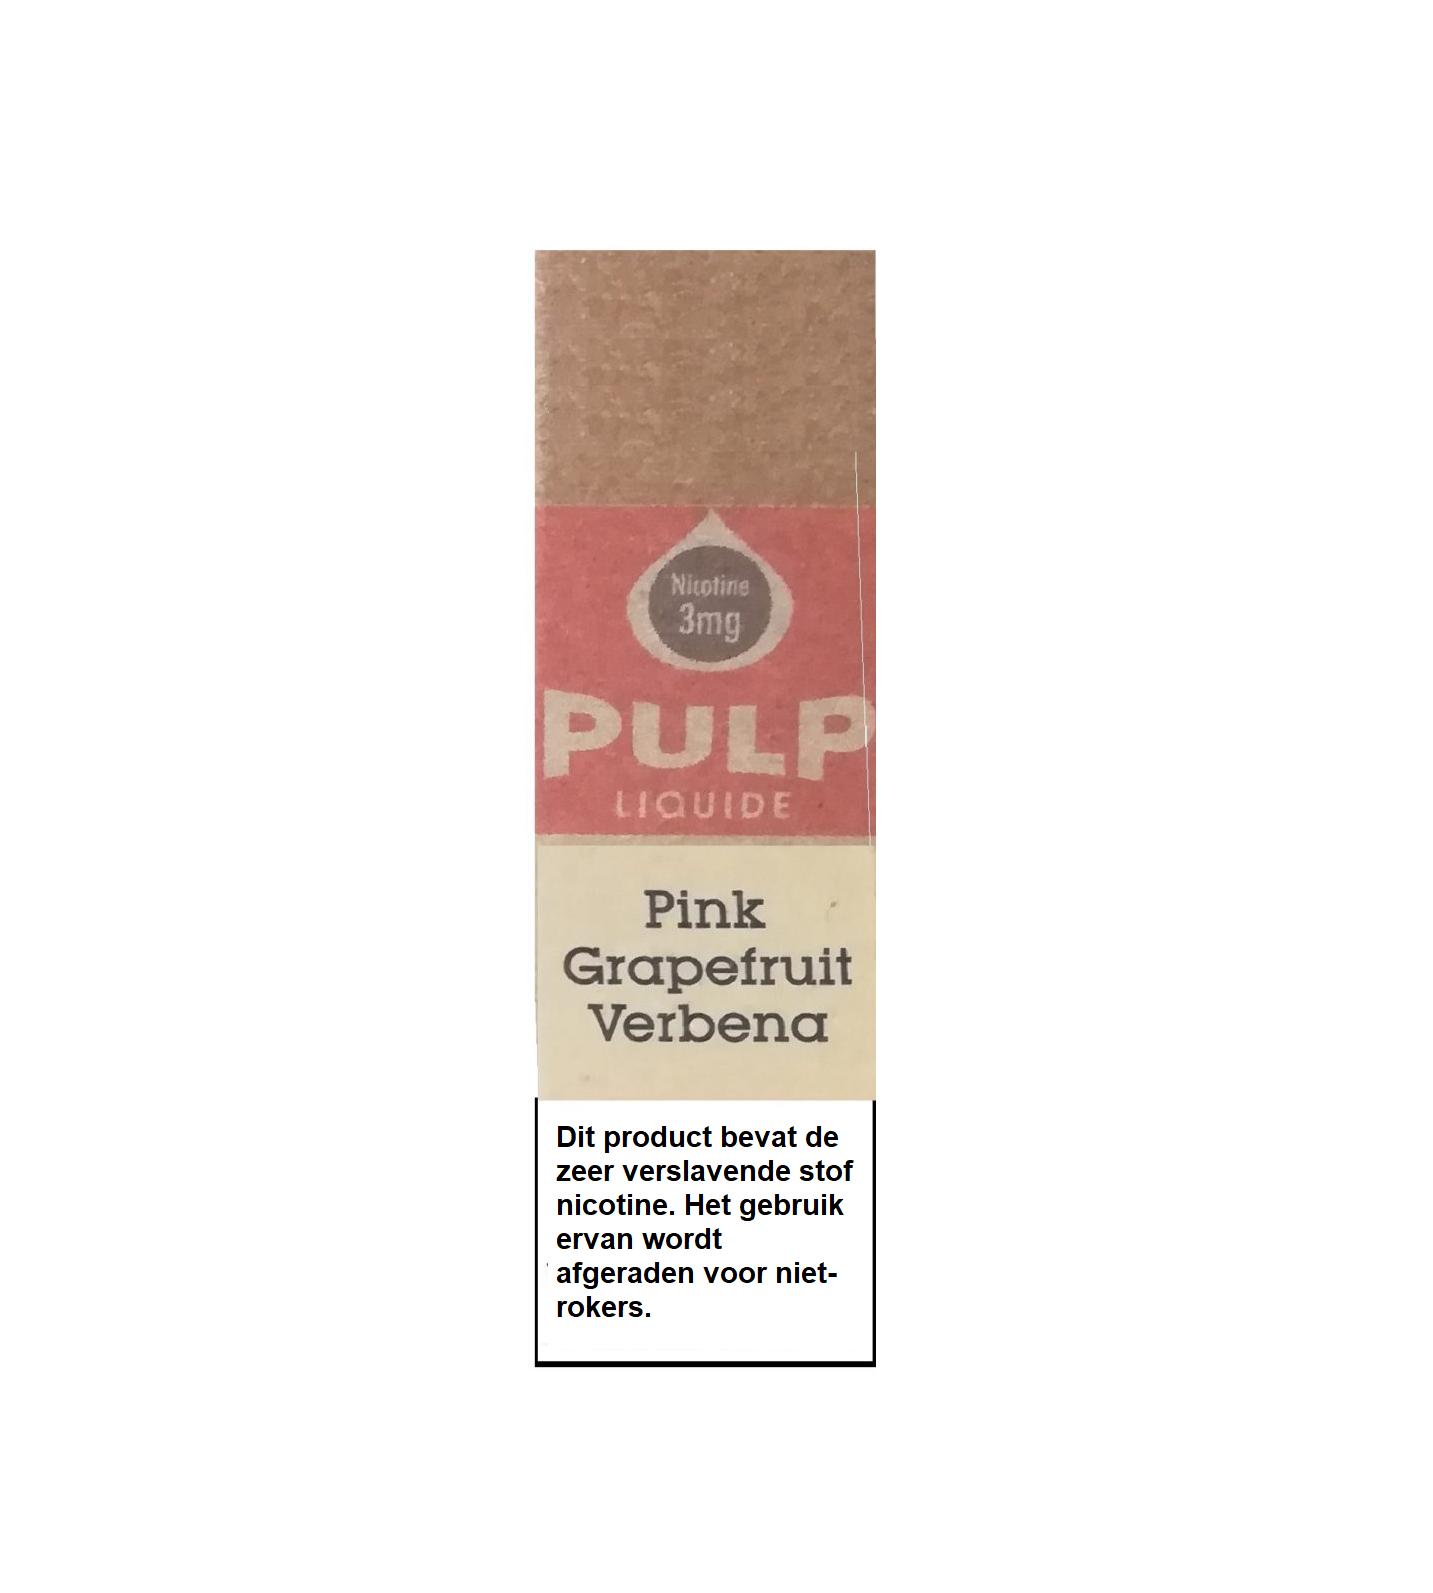 PULP Pink Grapefruit Verbena smaakt naar roze grapefruit en verbena. Deze Franse e-liquid met een 70PG en 30VG verhouding.